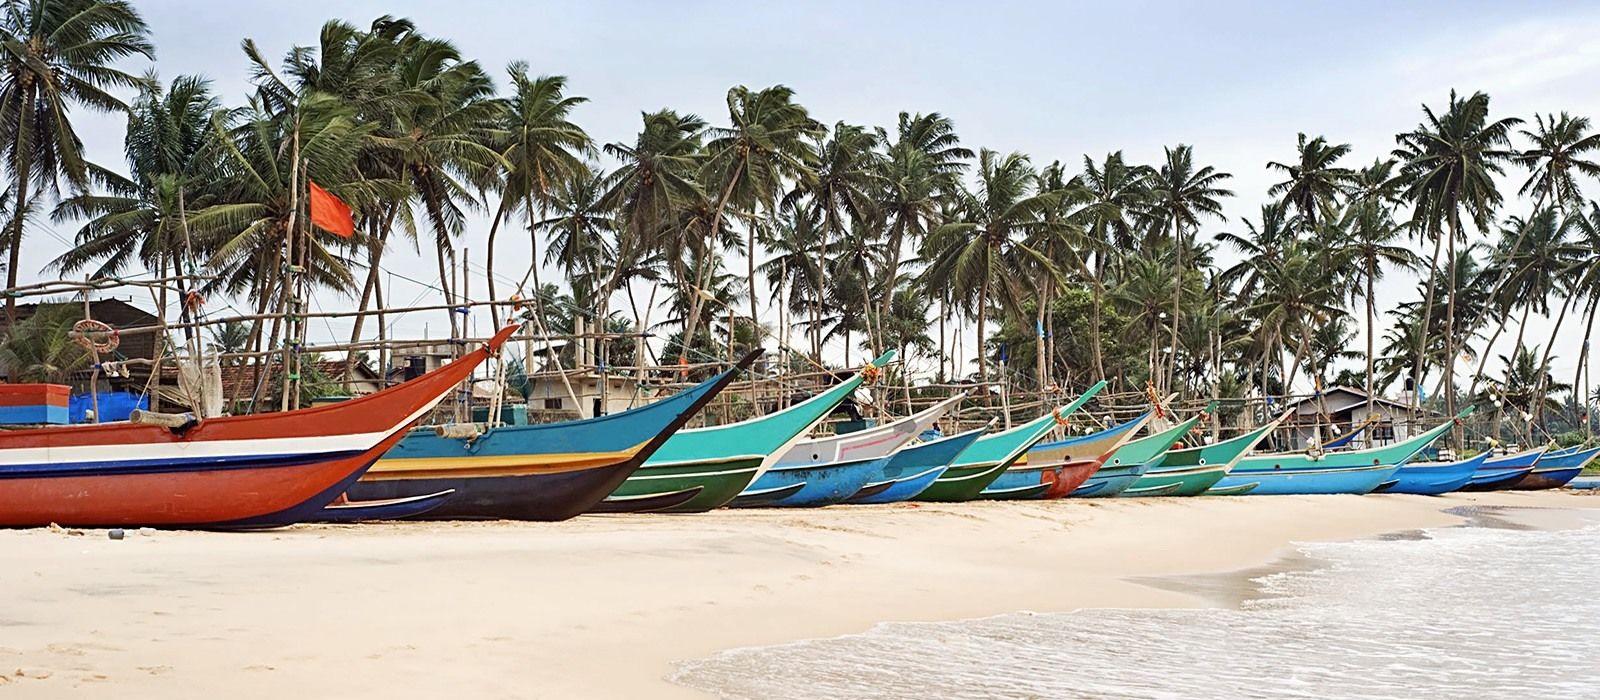 Kultur, Strand & Safaris in Sri Lanka Urlaub 5